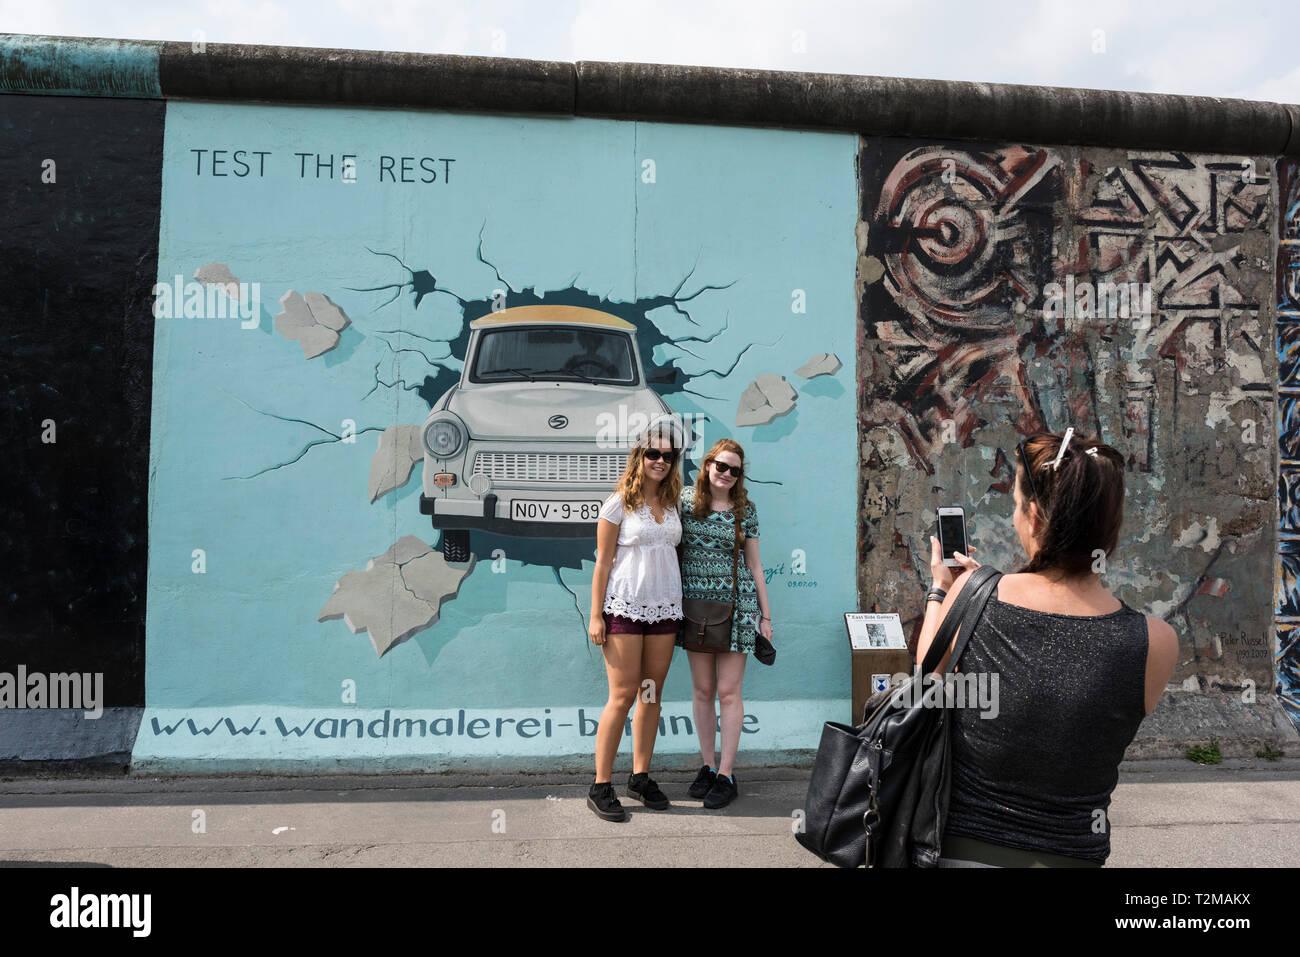 Berlin. L'Allemagne. Les touristes posent pour des photos en face de Birgit Kinder's célèbre peinture murale 'Tester le reste' sur le mur de Berlin à l'East Side Gallery. Banque D'Images